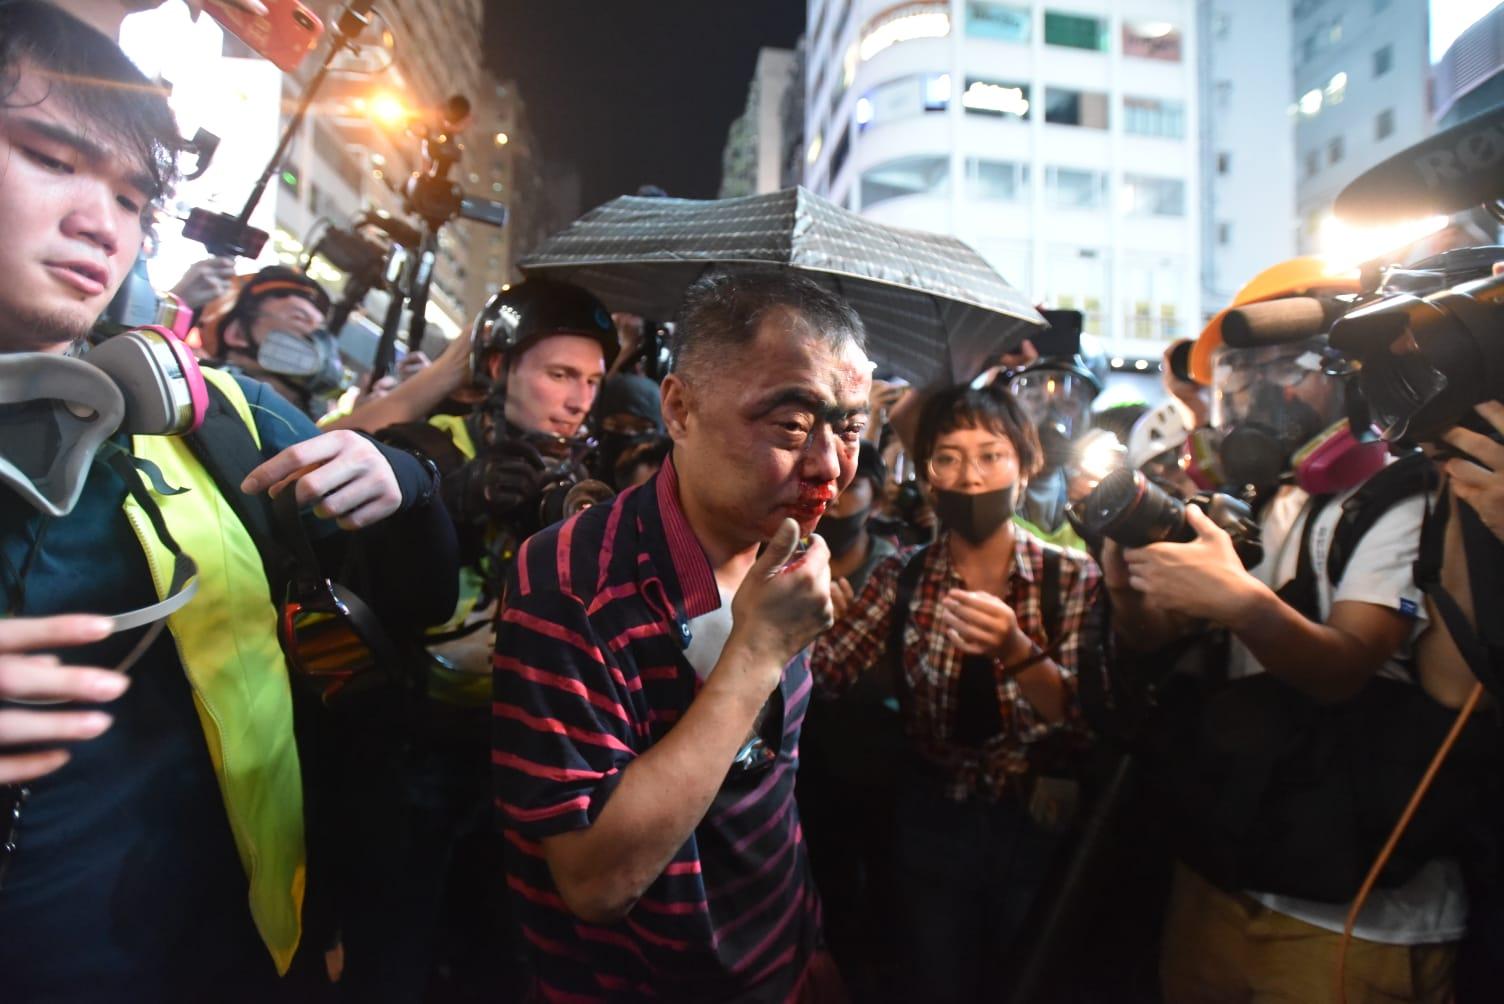 【修例风波】旺角男子遭示威者棍殴飞踢 普通话中年汉被围殴